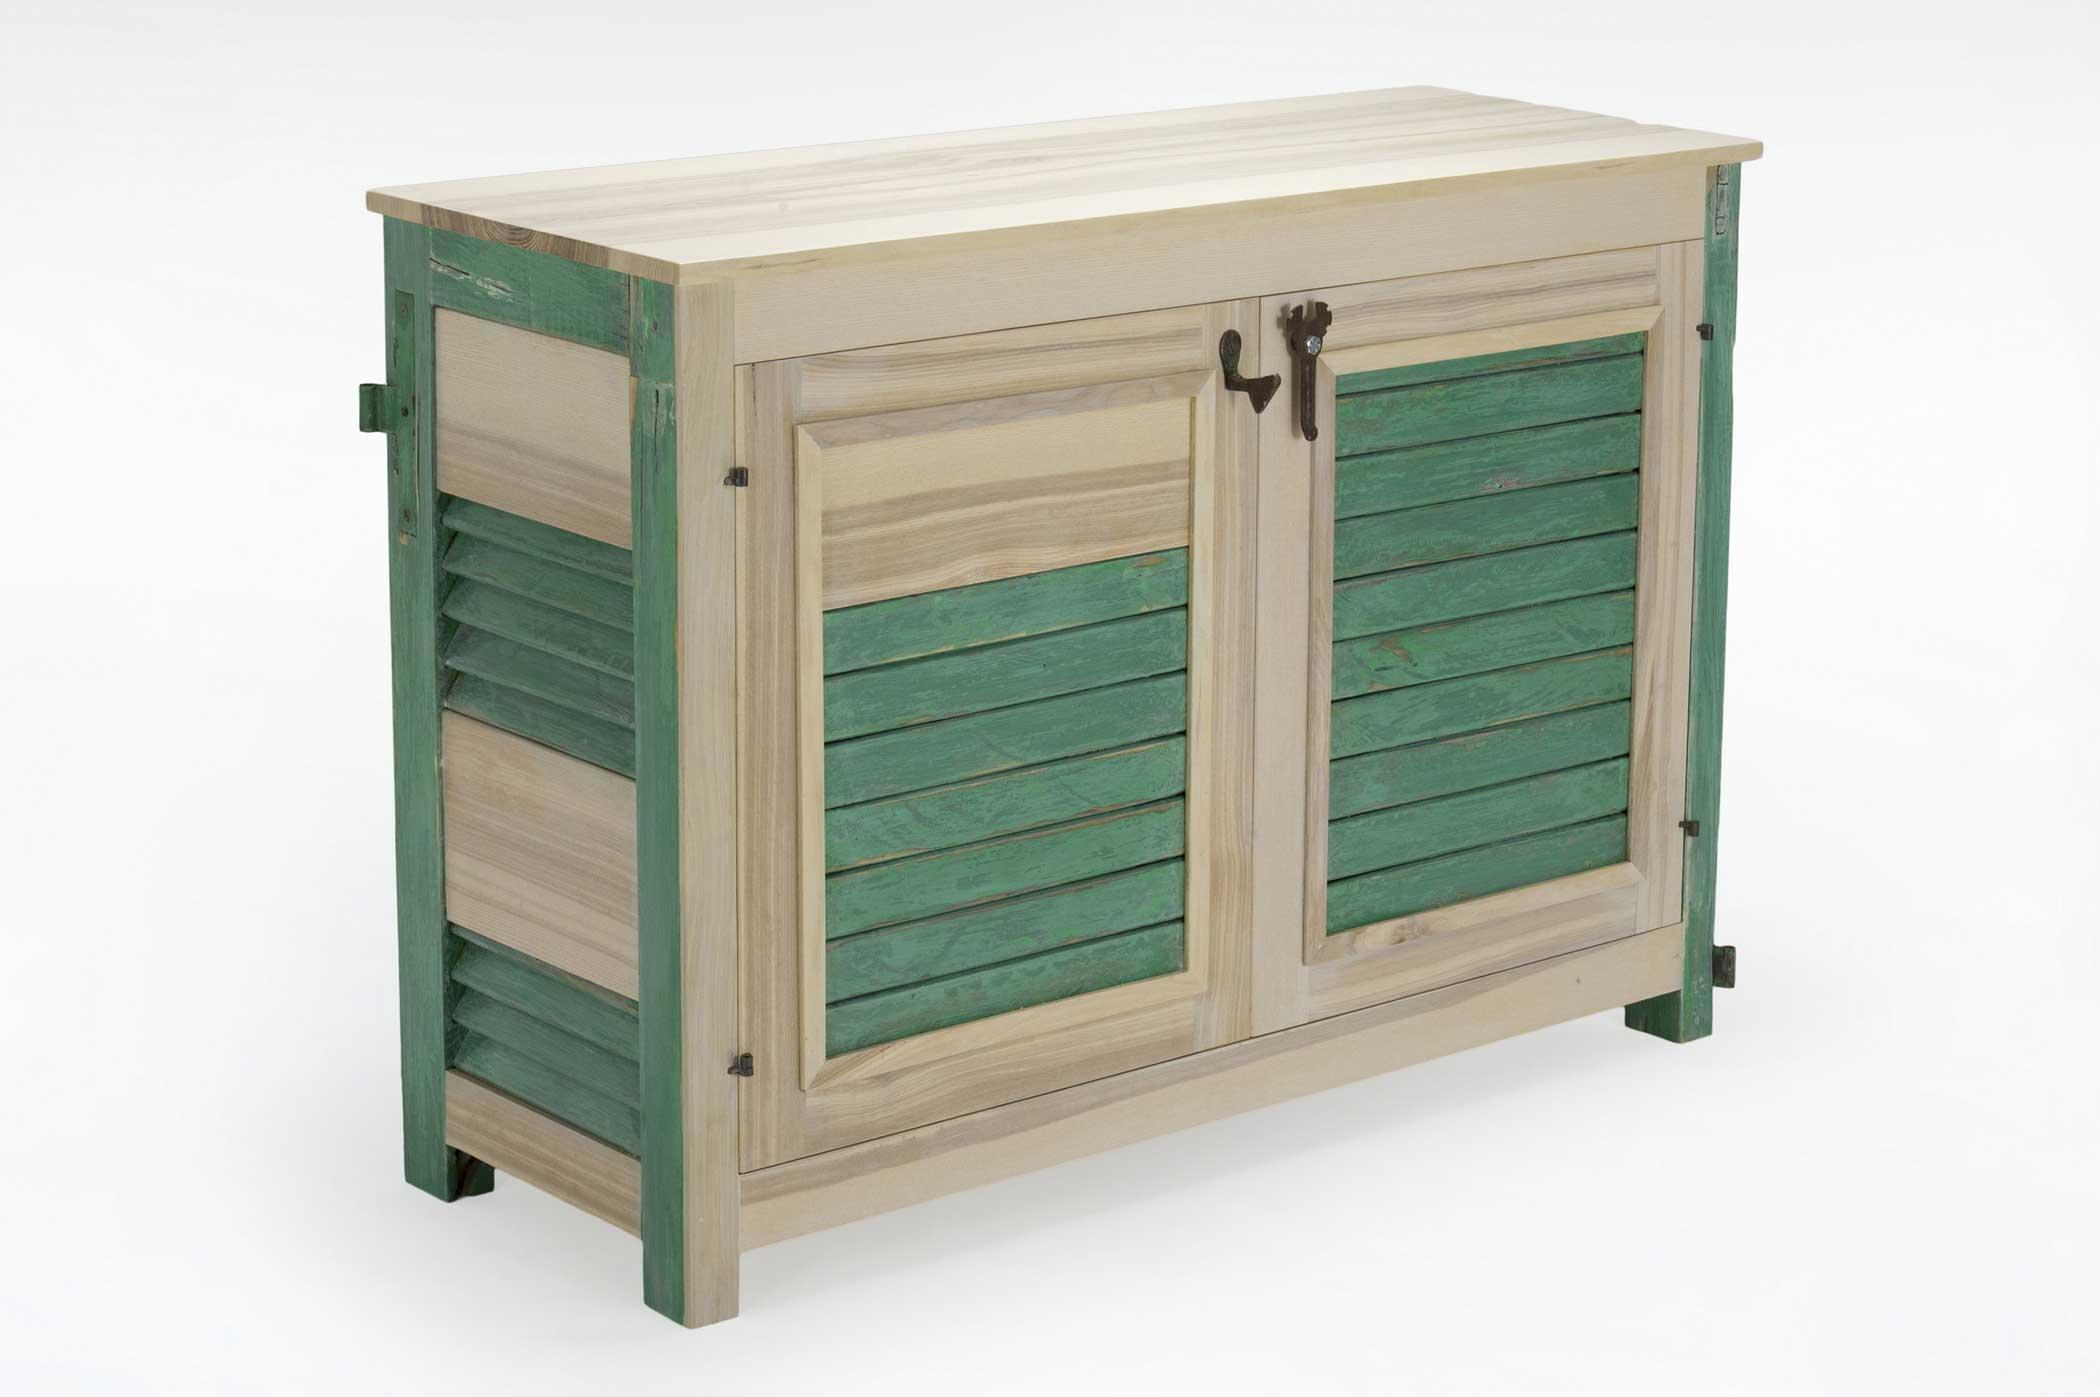 Credenza con struttura mista di legni masselli e legni di recupero. Il lato della credenza è composto da una parte di vecchia persiana verde con cardini a vista.